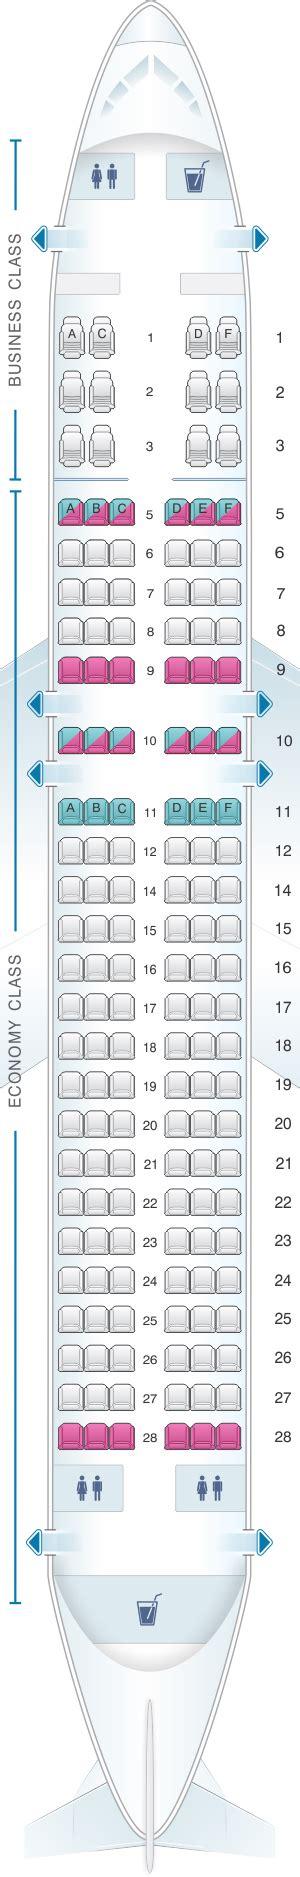 airbus a320 sieges plan de cabine silkair airbus a320 200 seatmaestro fr